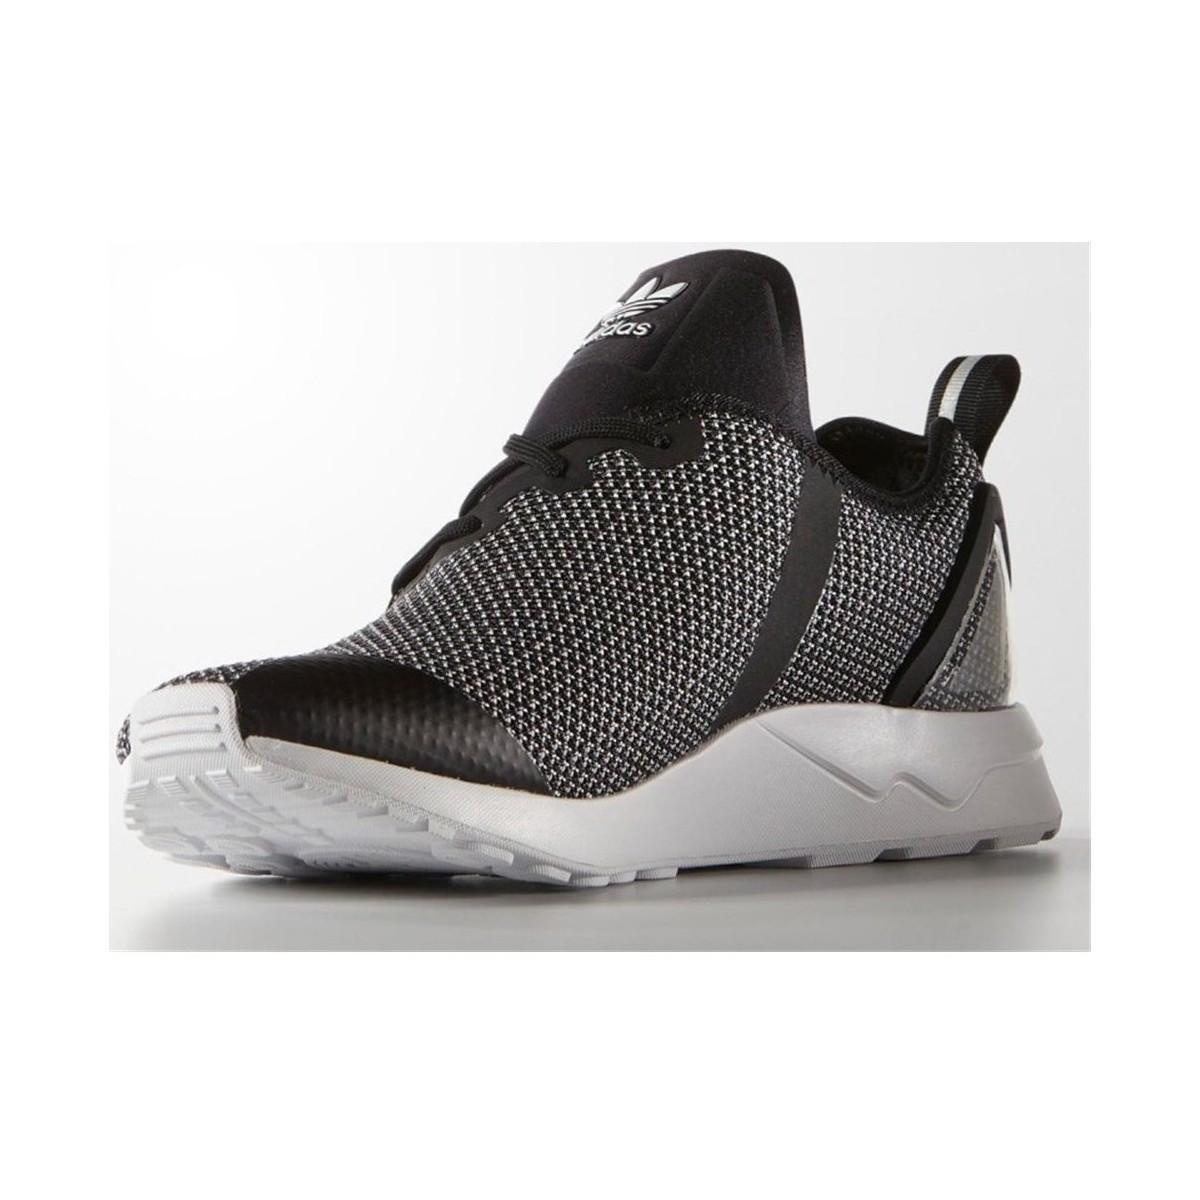 f7e94920f Adidas - Multicolor Zx Flux Adv Asymmetric Men s Shoes (trainers) In  Multicolour for Men. View fullscreen